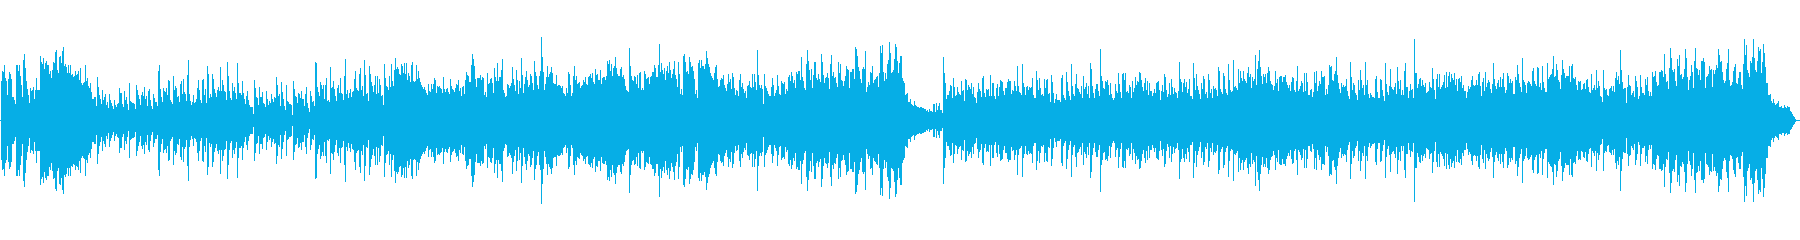 和風、琴尺八のオーケストラループ楽曲の再生済みの波形